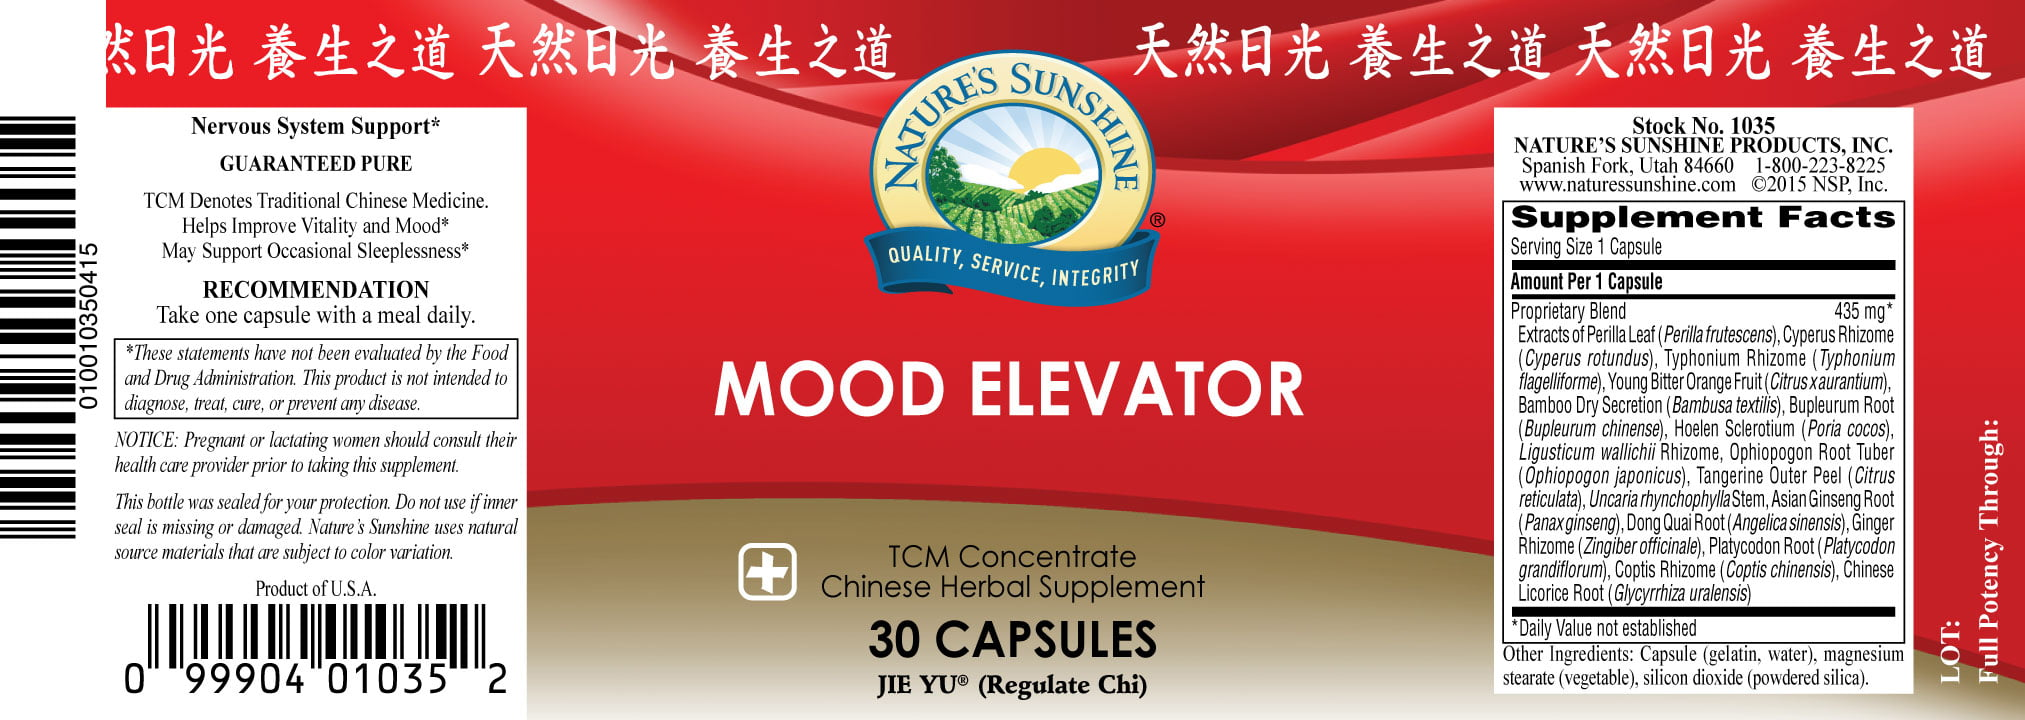 Nature Sunshine Products Mood Elevator Chinese